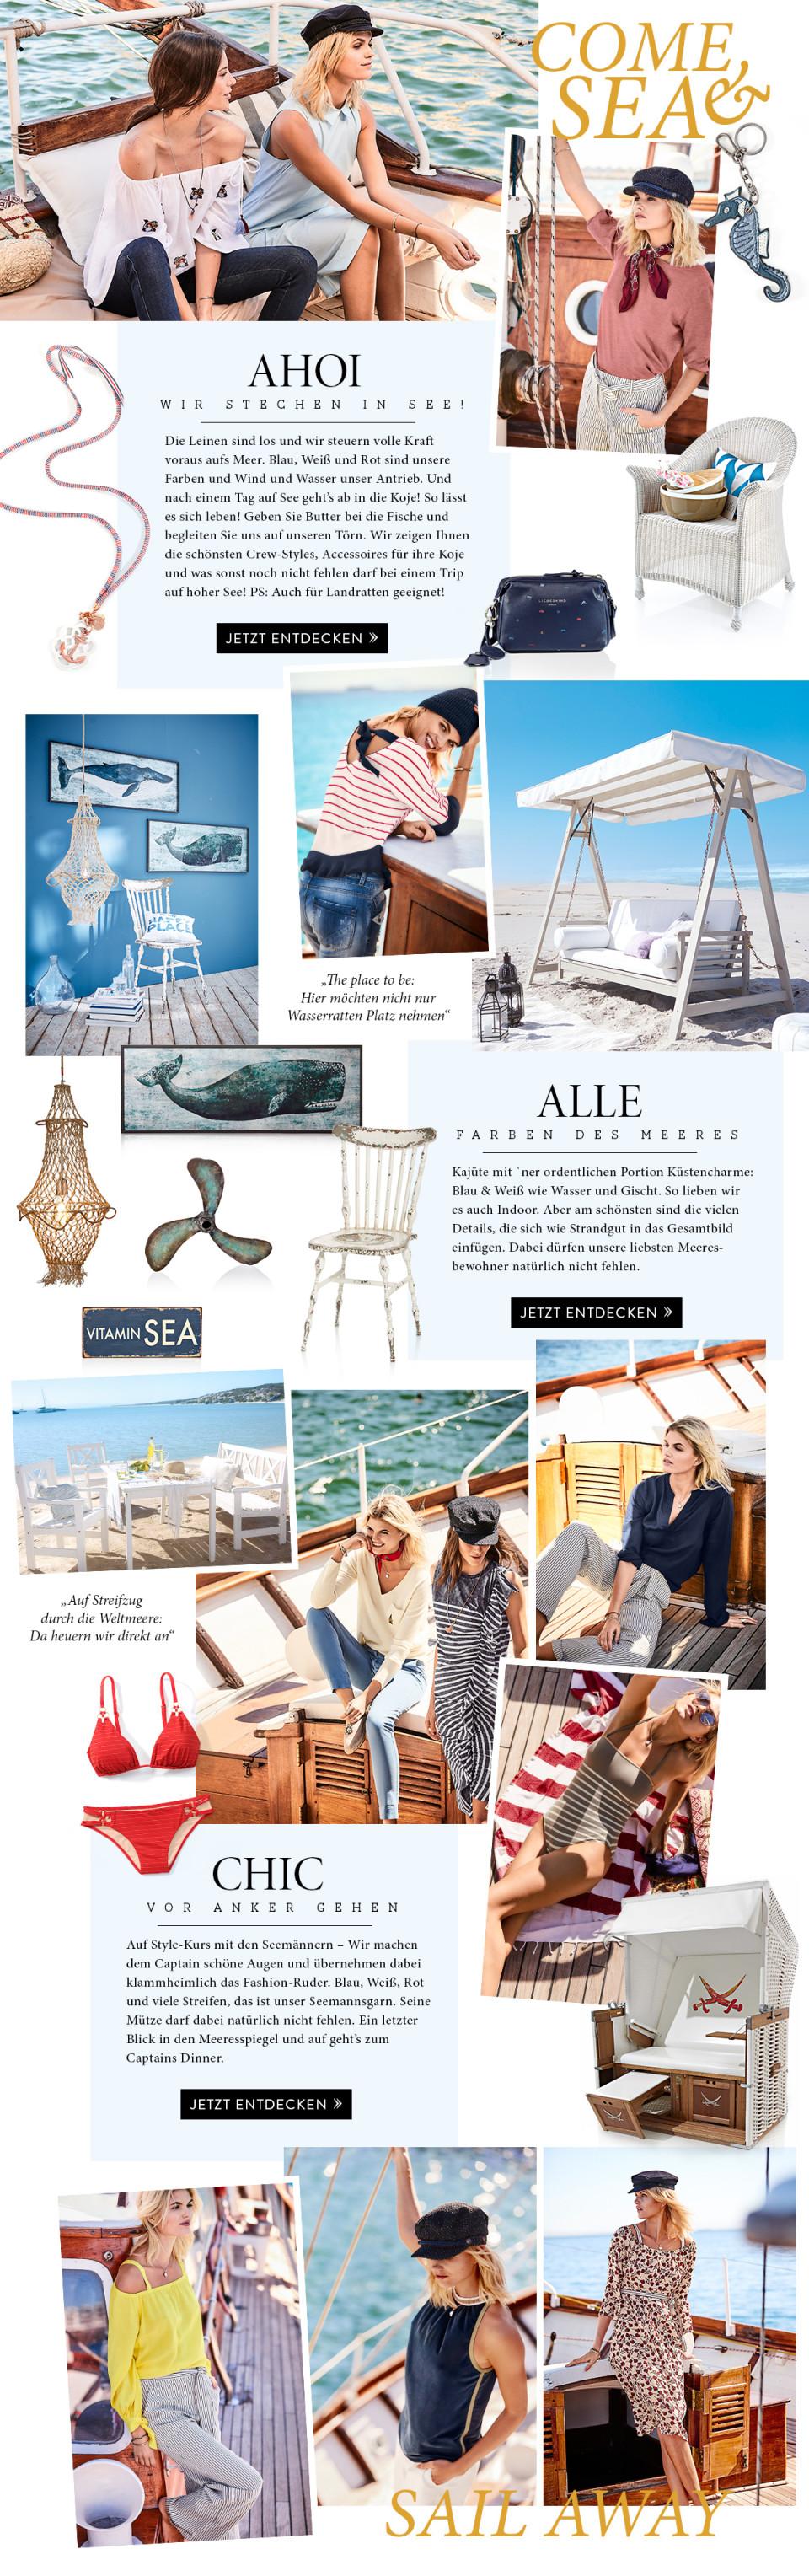 Maritime Mode Kleidung Ahoi Wir Stechen In See Impressionen